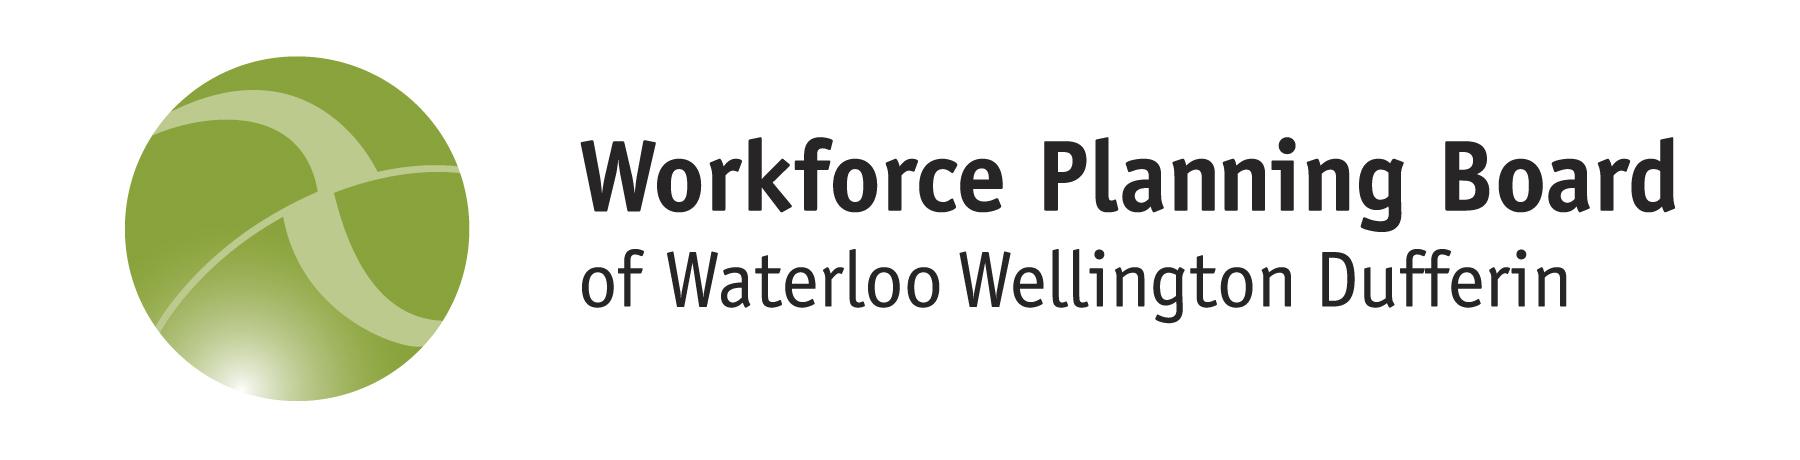 Workforce Planning Board of Waterloo Wellington Dufferin